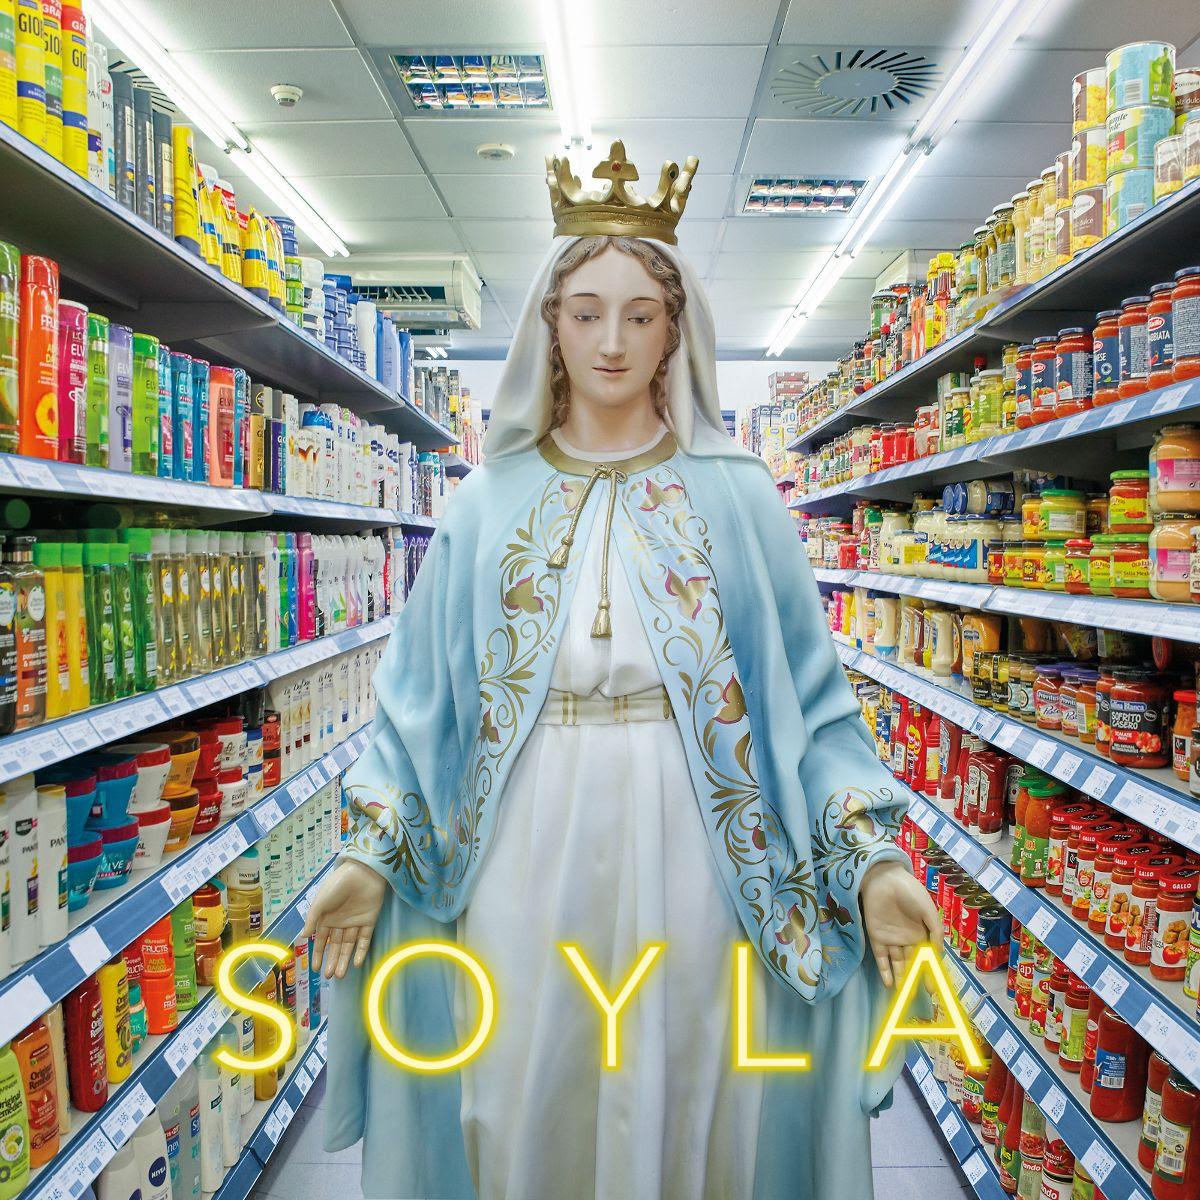 SOYLA, el dulce sabor del primer álbum